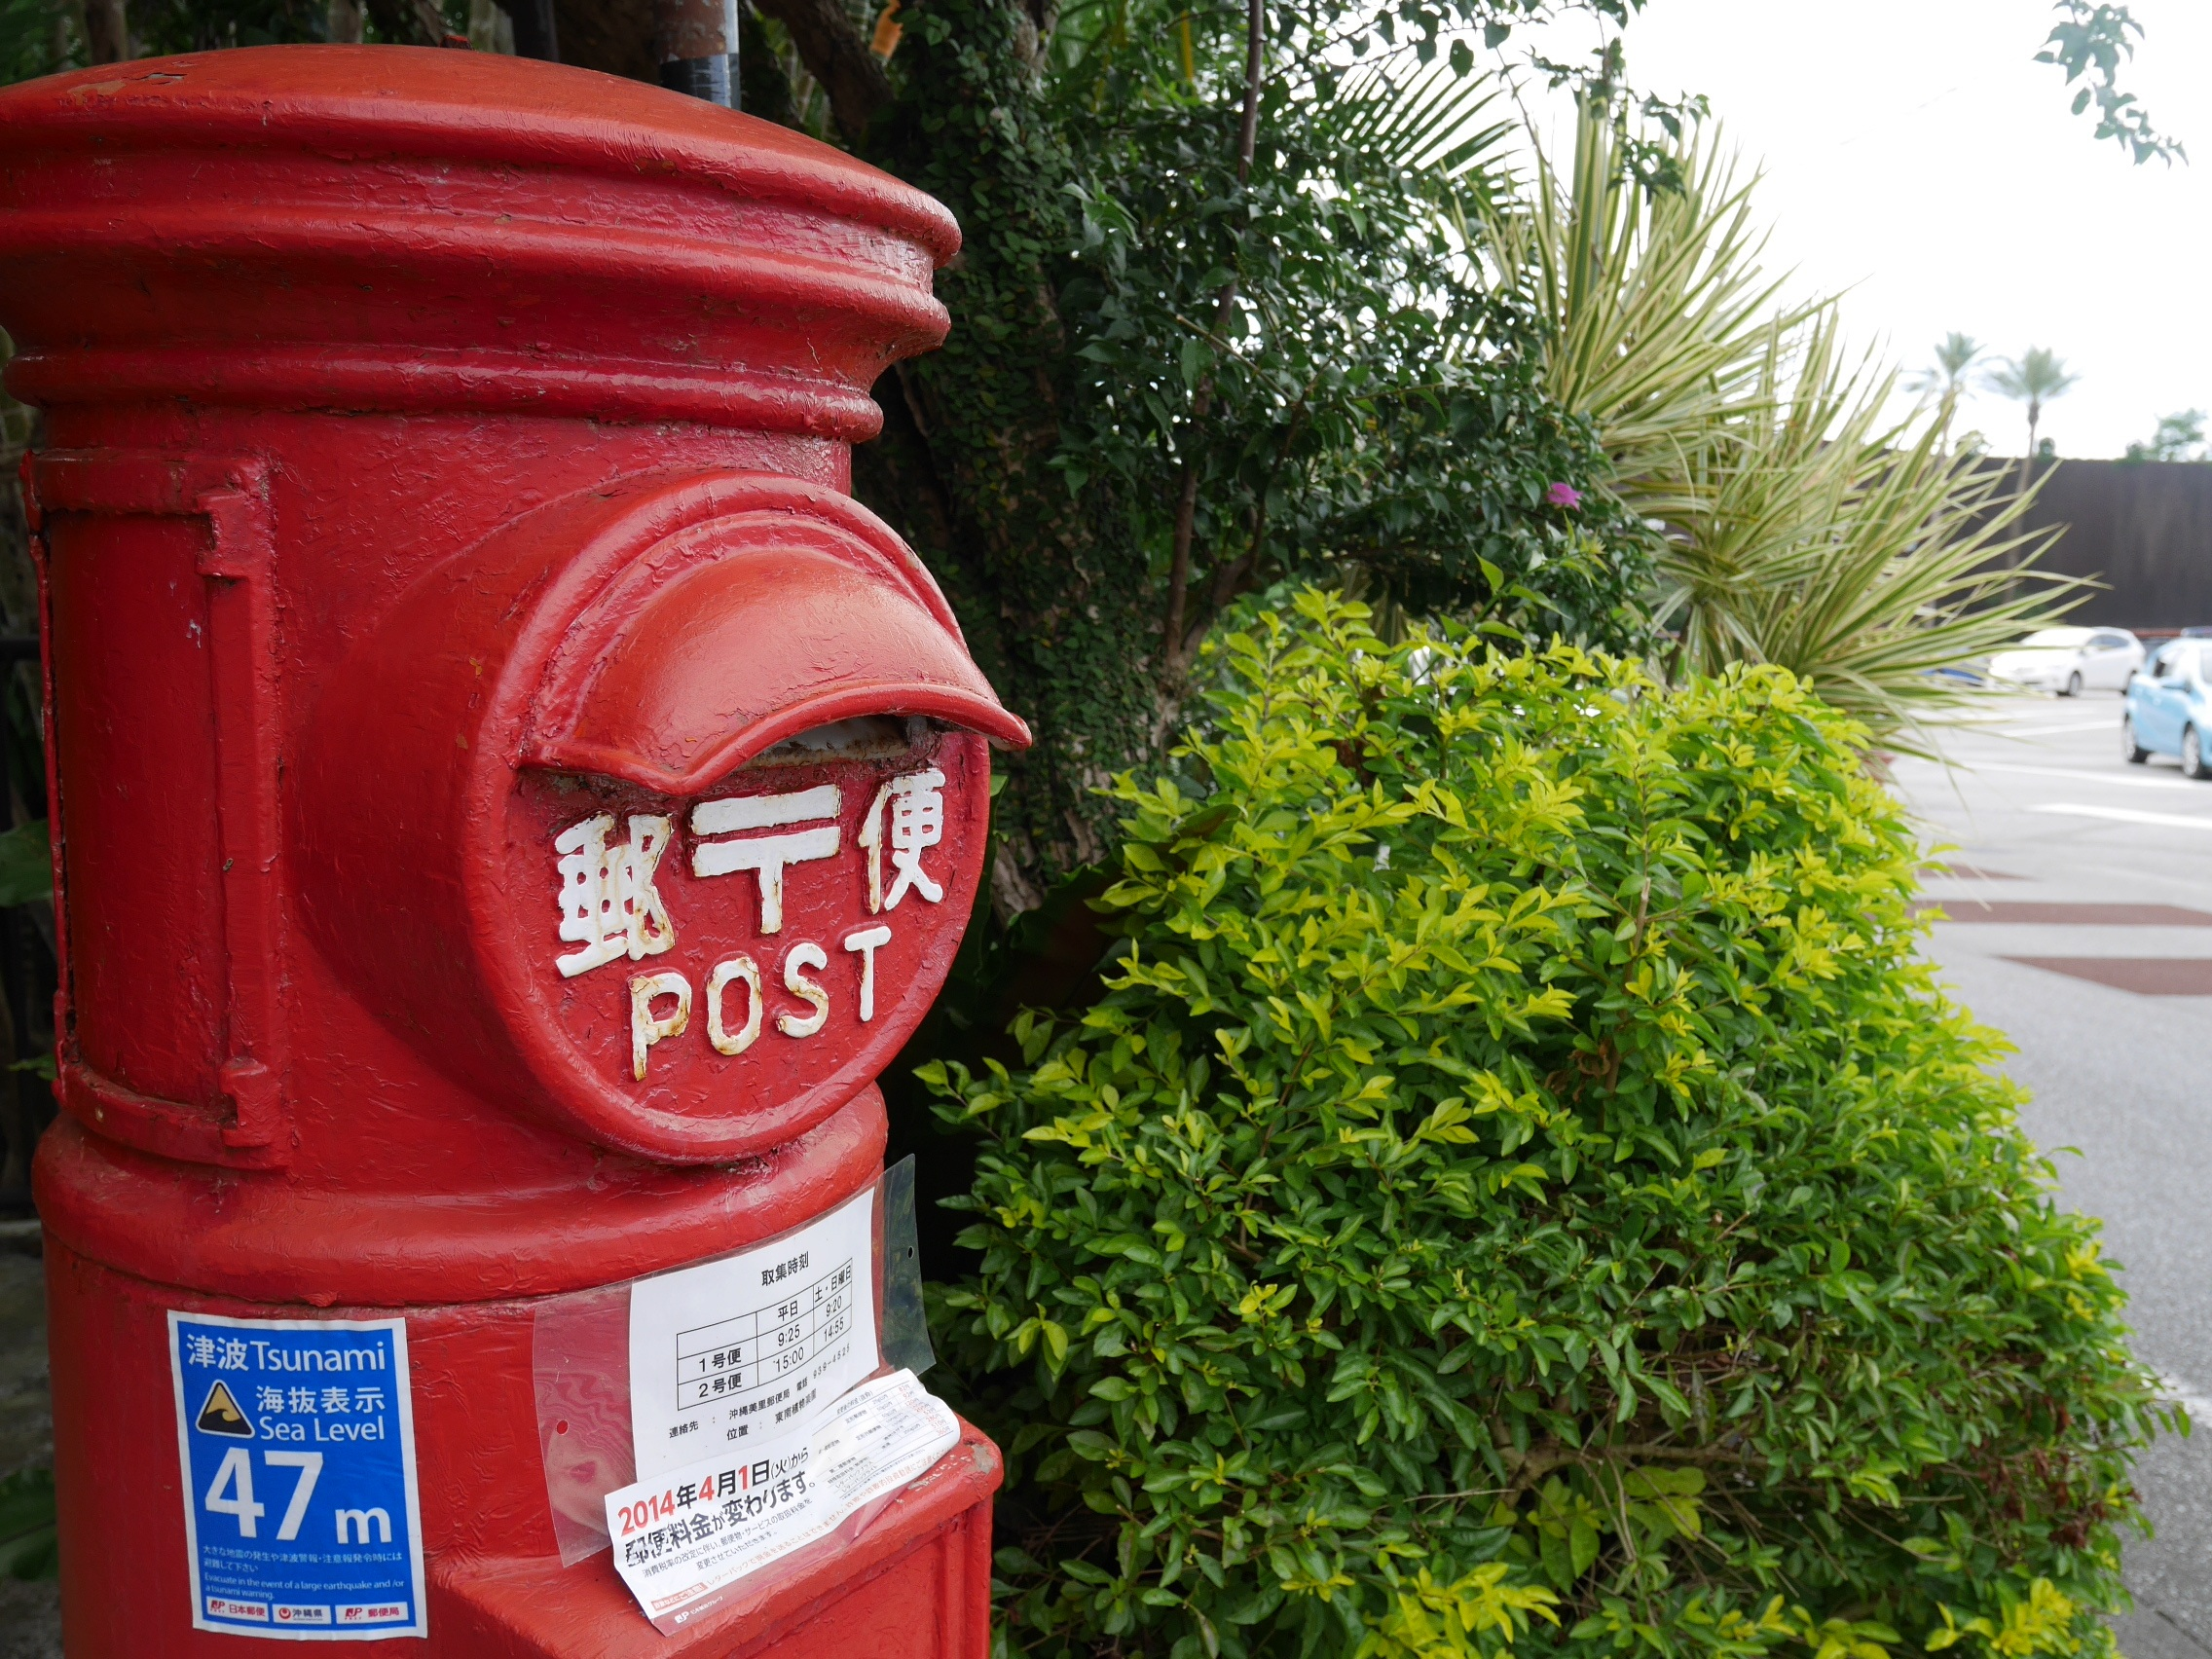 退職後の確定申告の提出方法を郵便にした理由